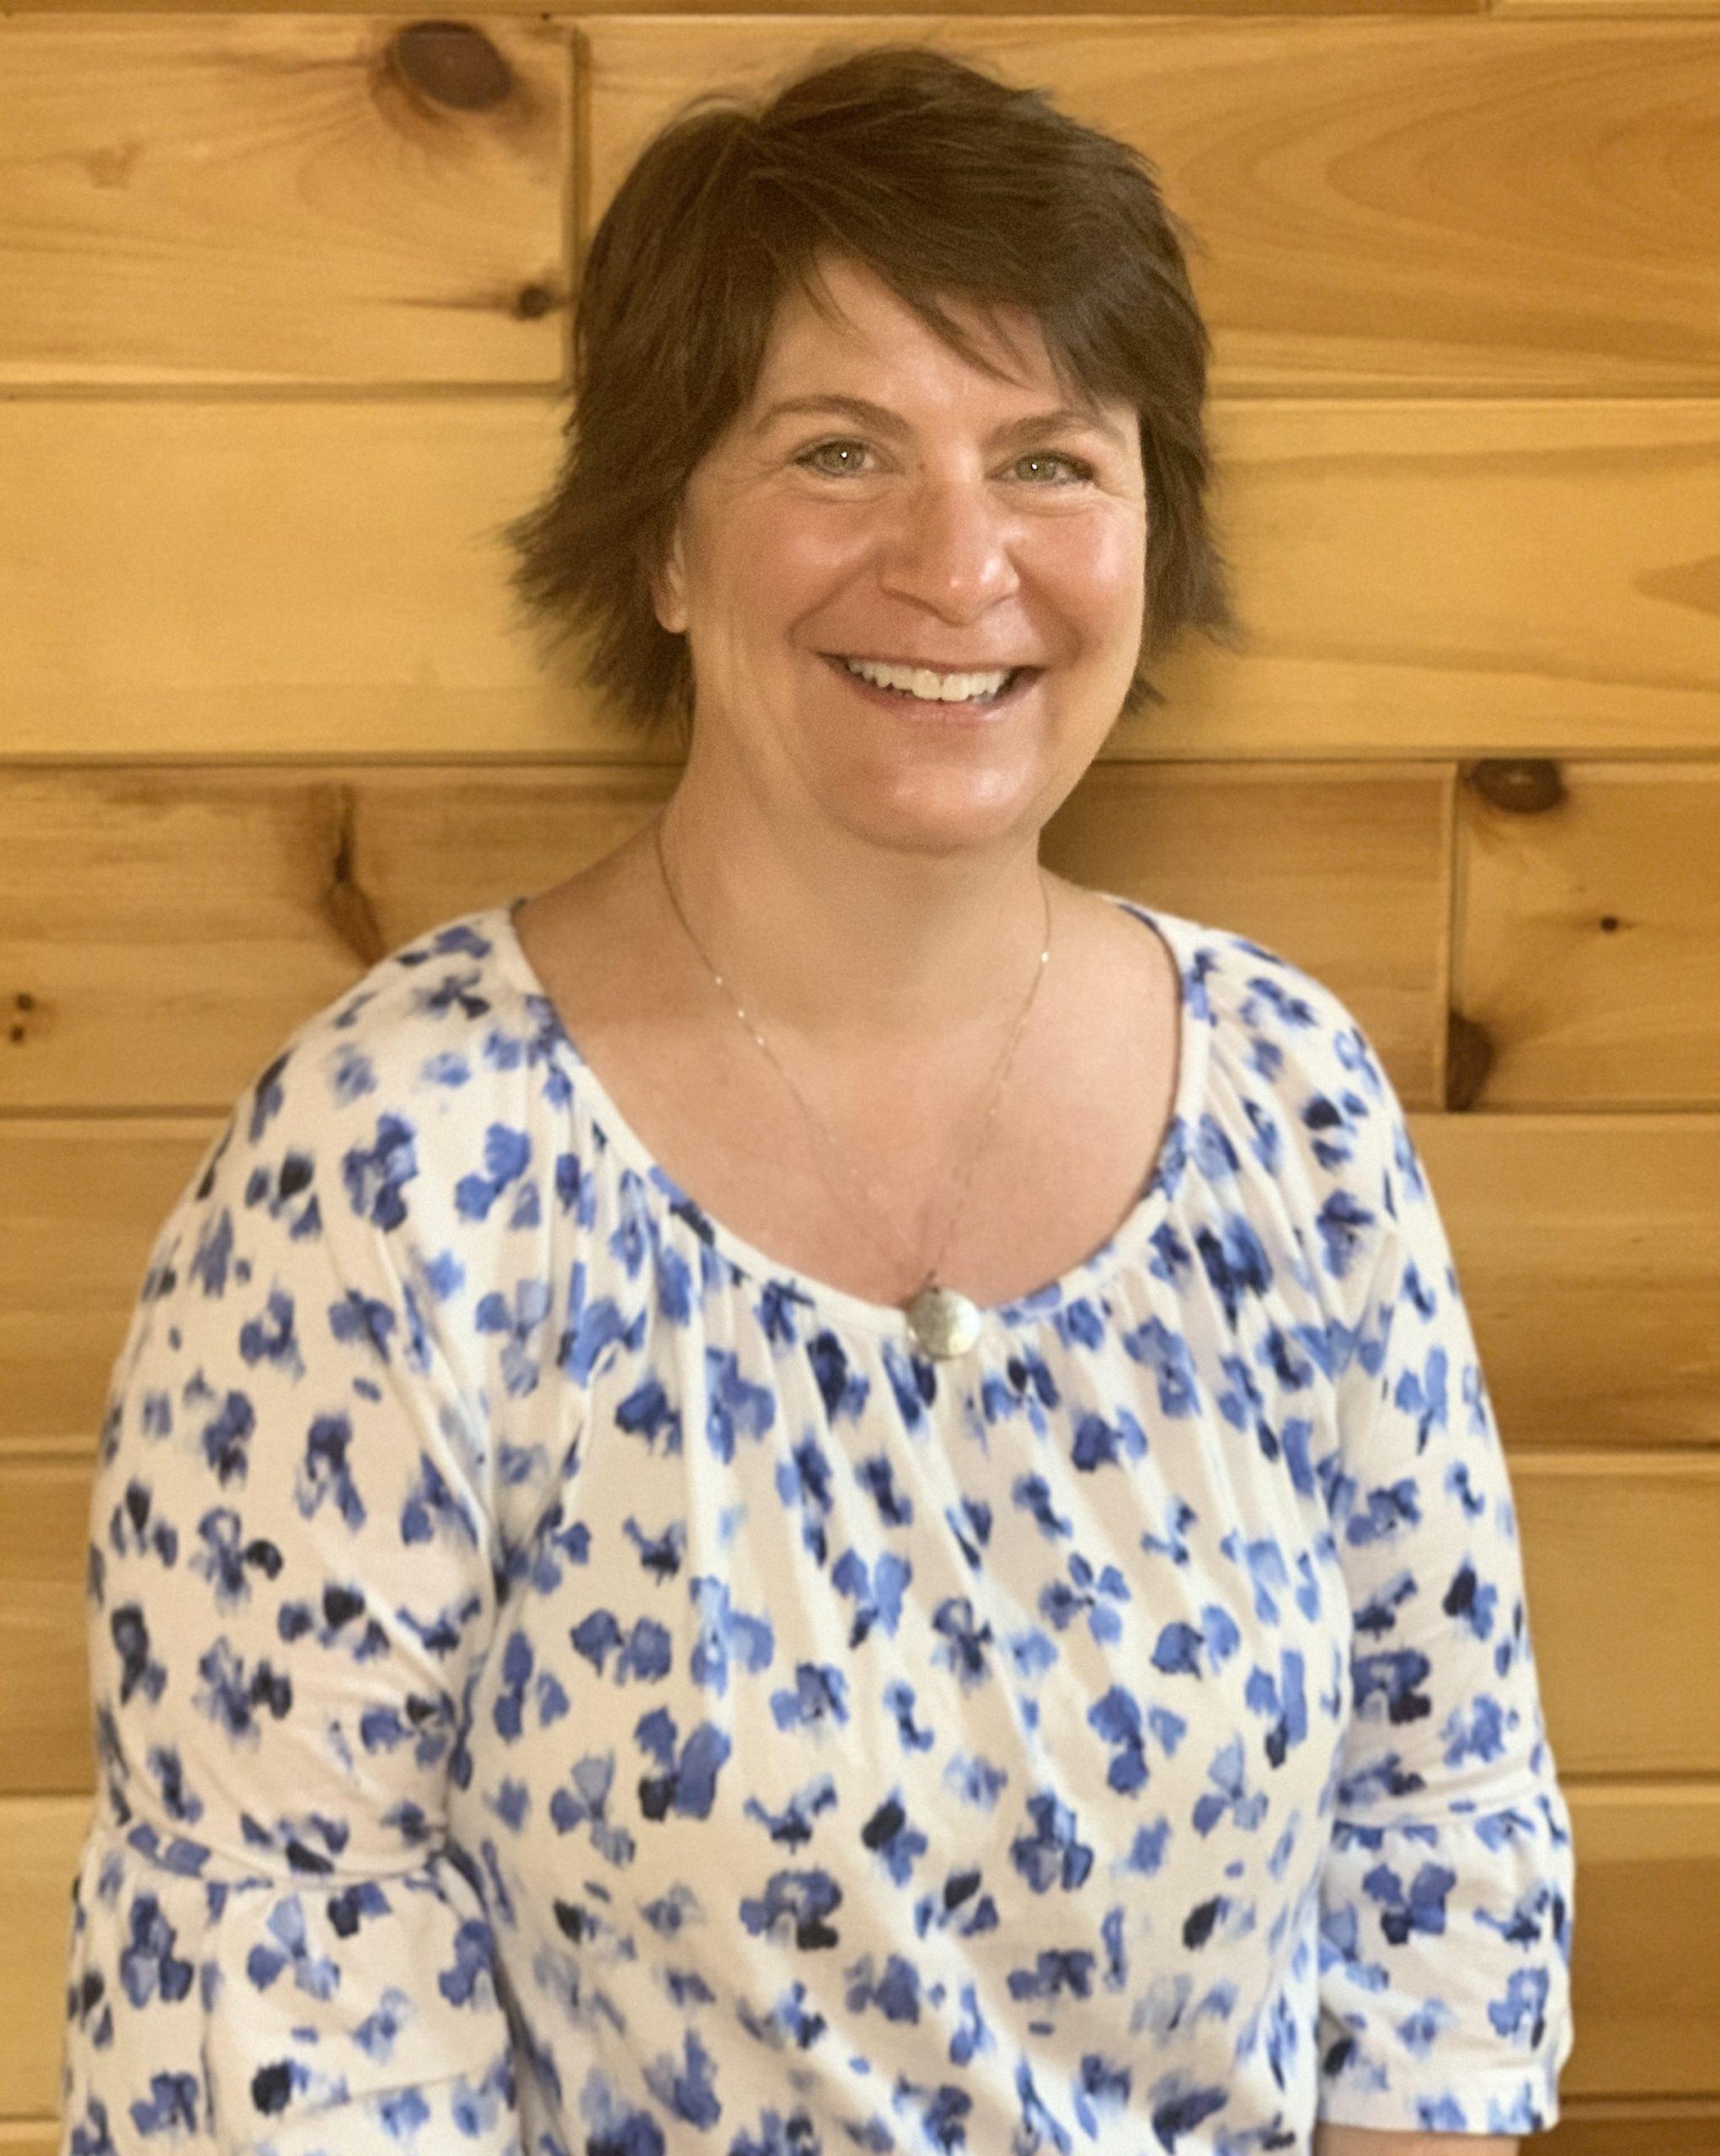 Lisa Rathke